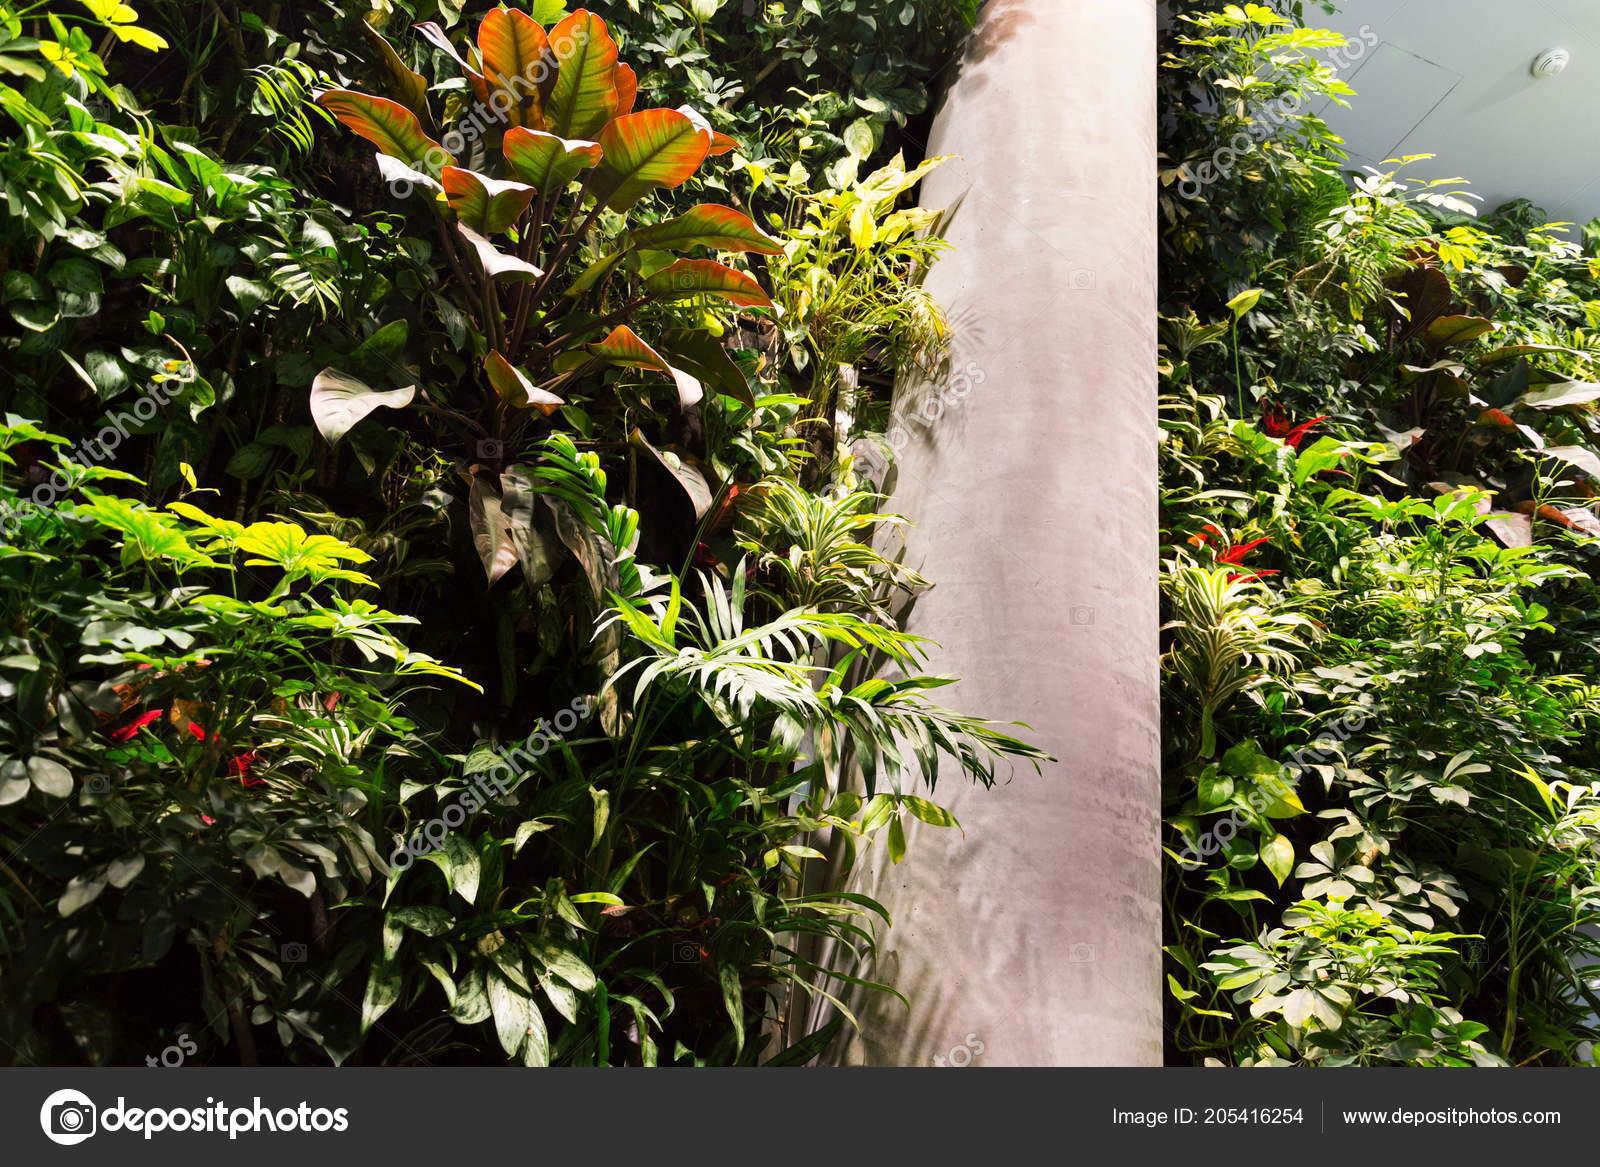 Giardino verticale casa vivono parete verde con fiori piante sotto foto stock josekube - Giardino verticale in casa ...